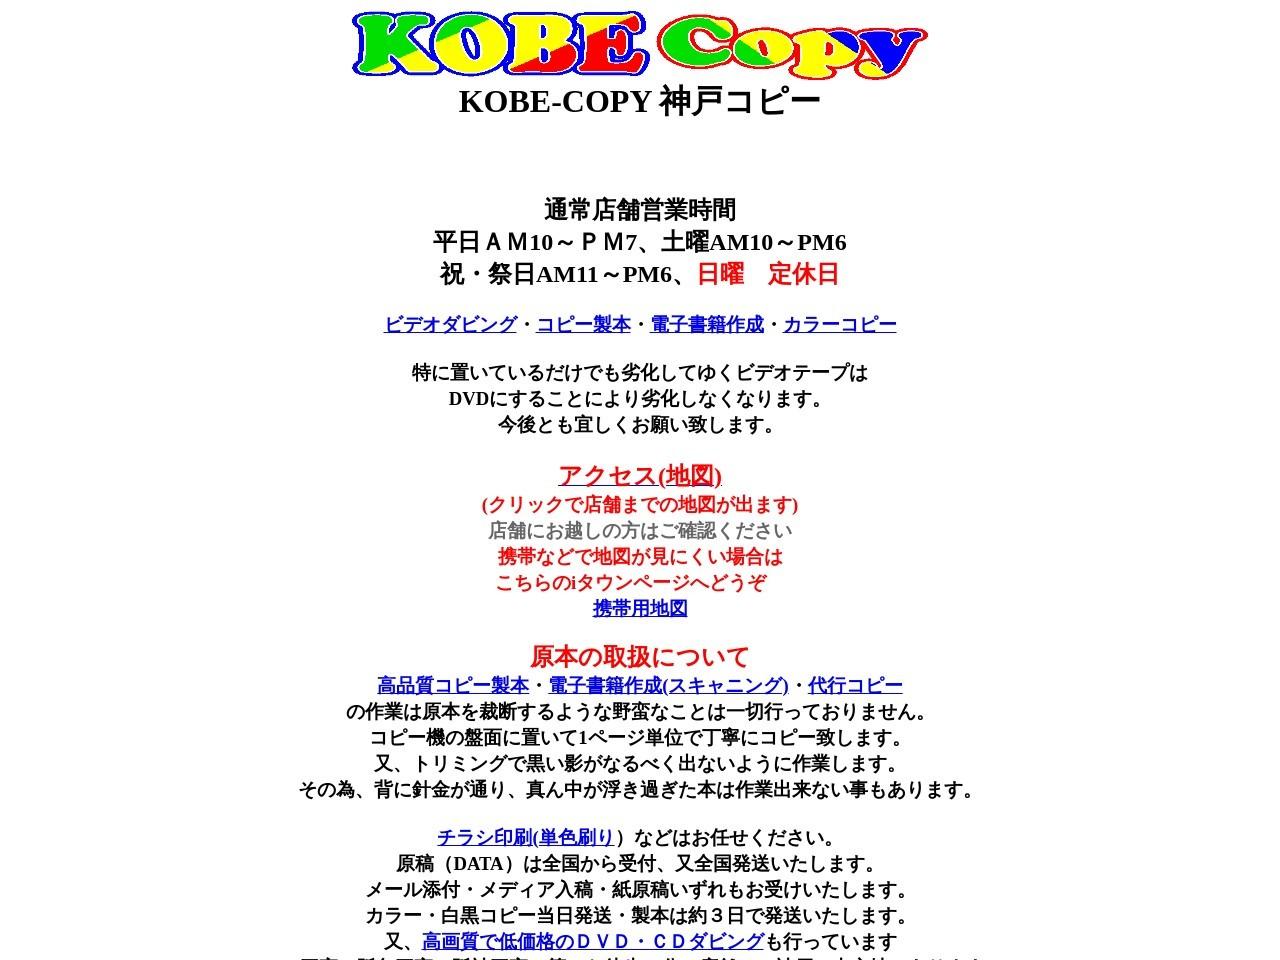 神戸コピー